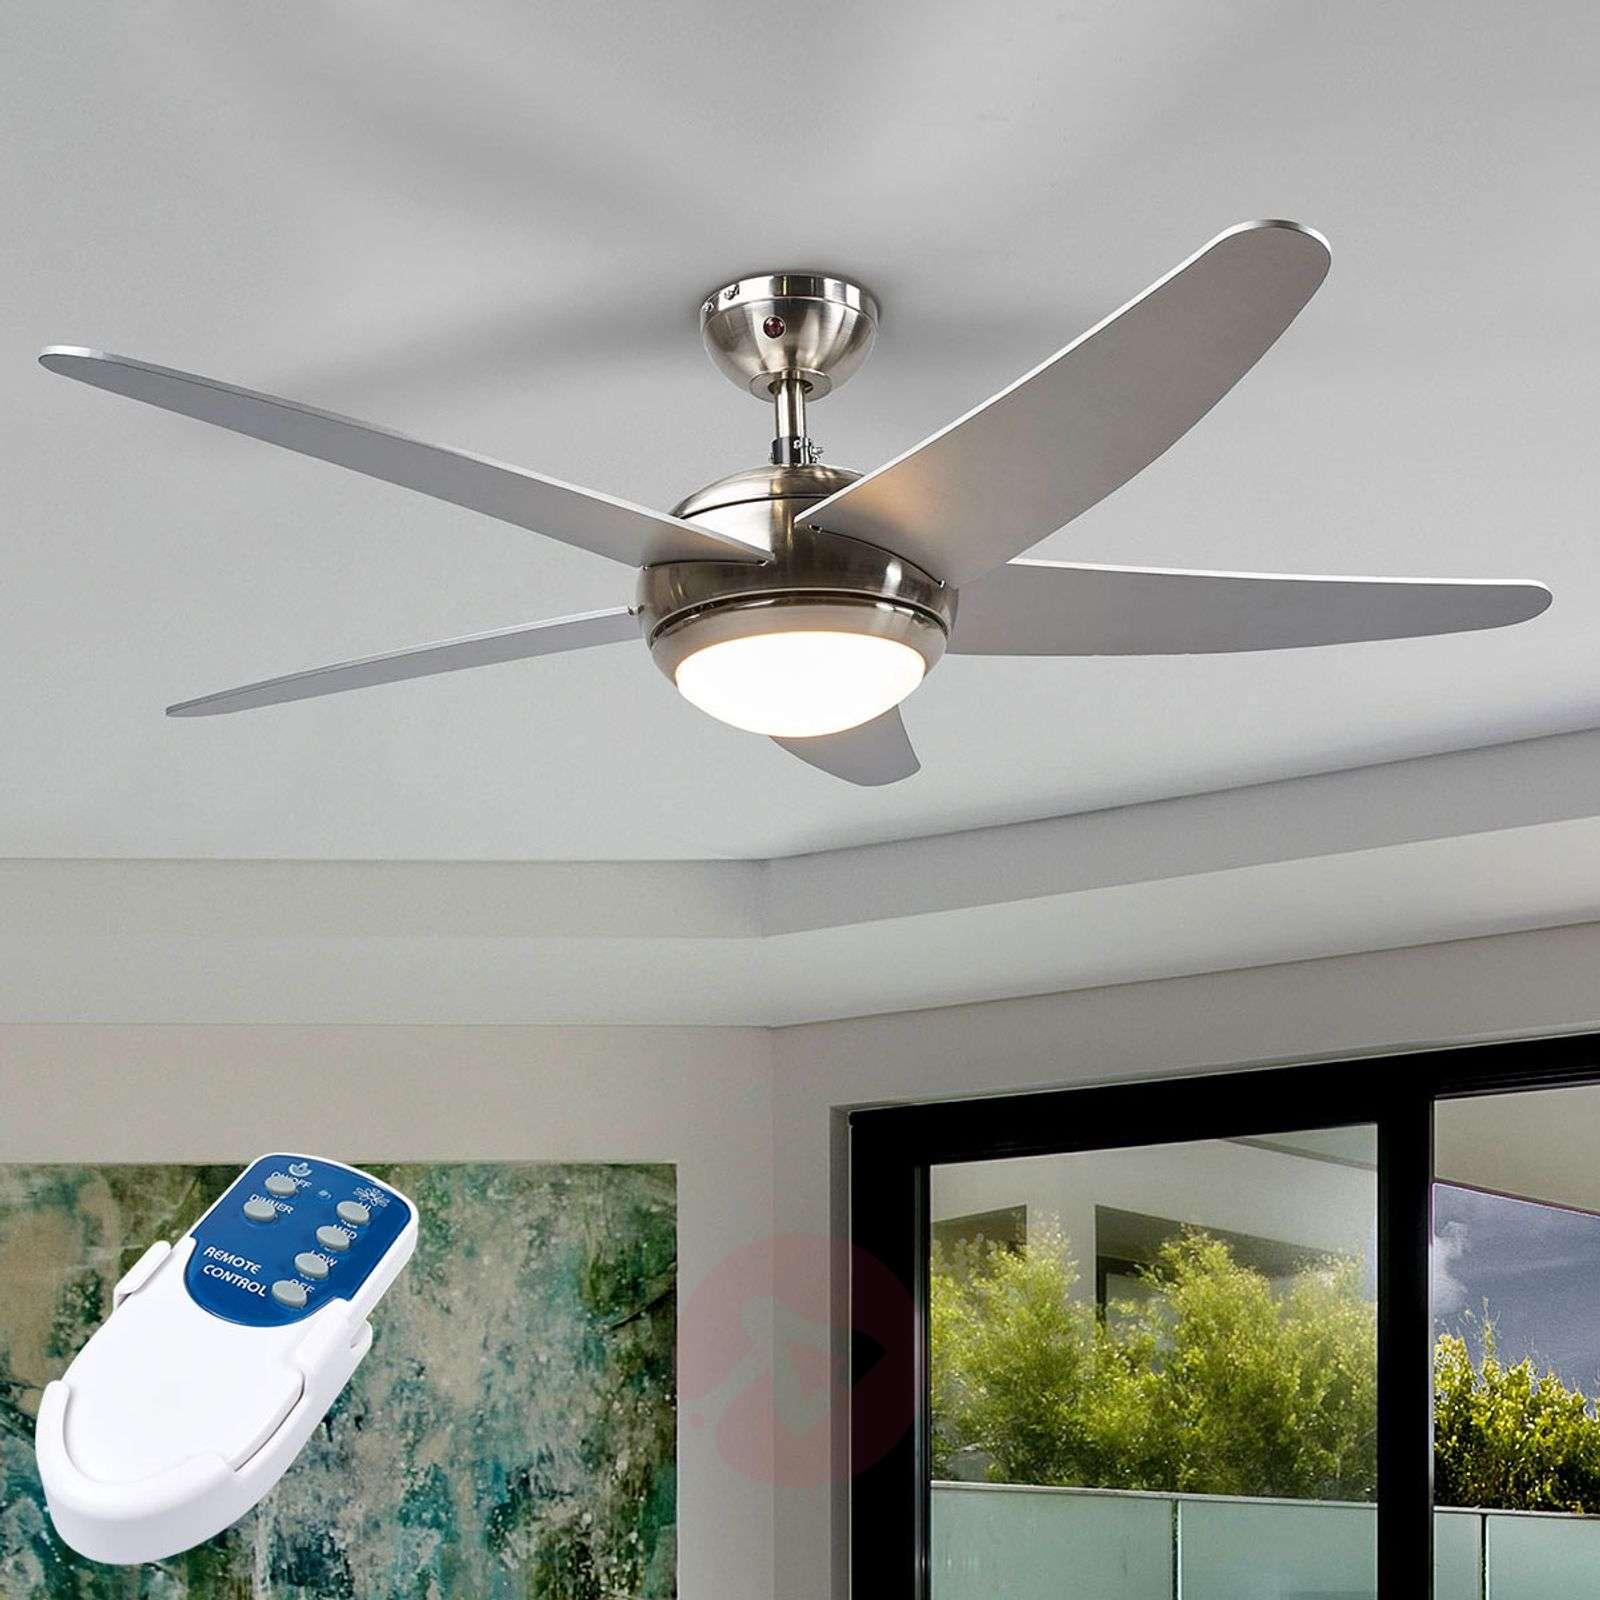 Anneka silver ceiling fan with light-4018092-010